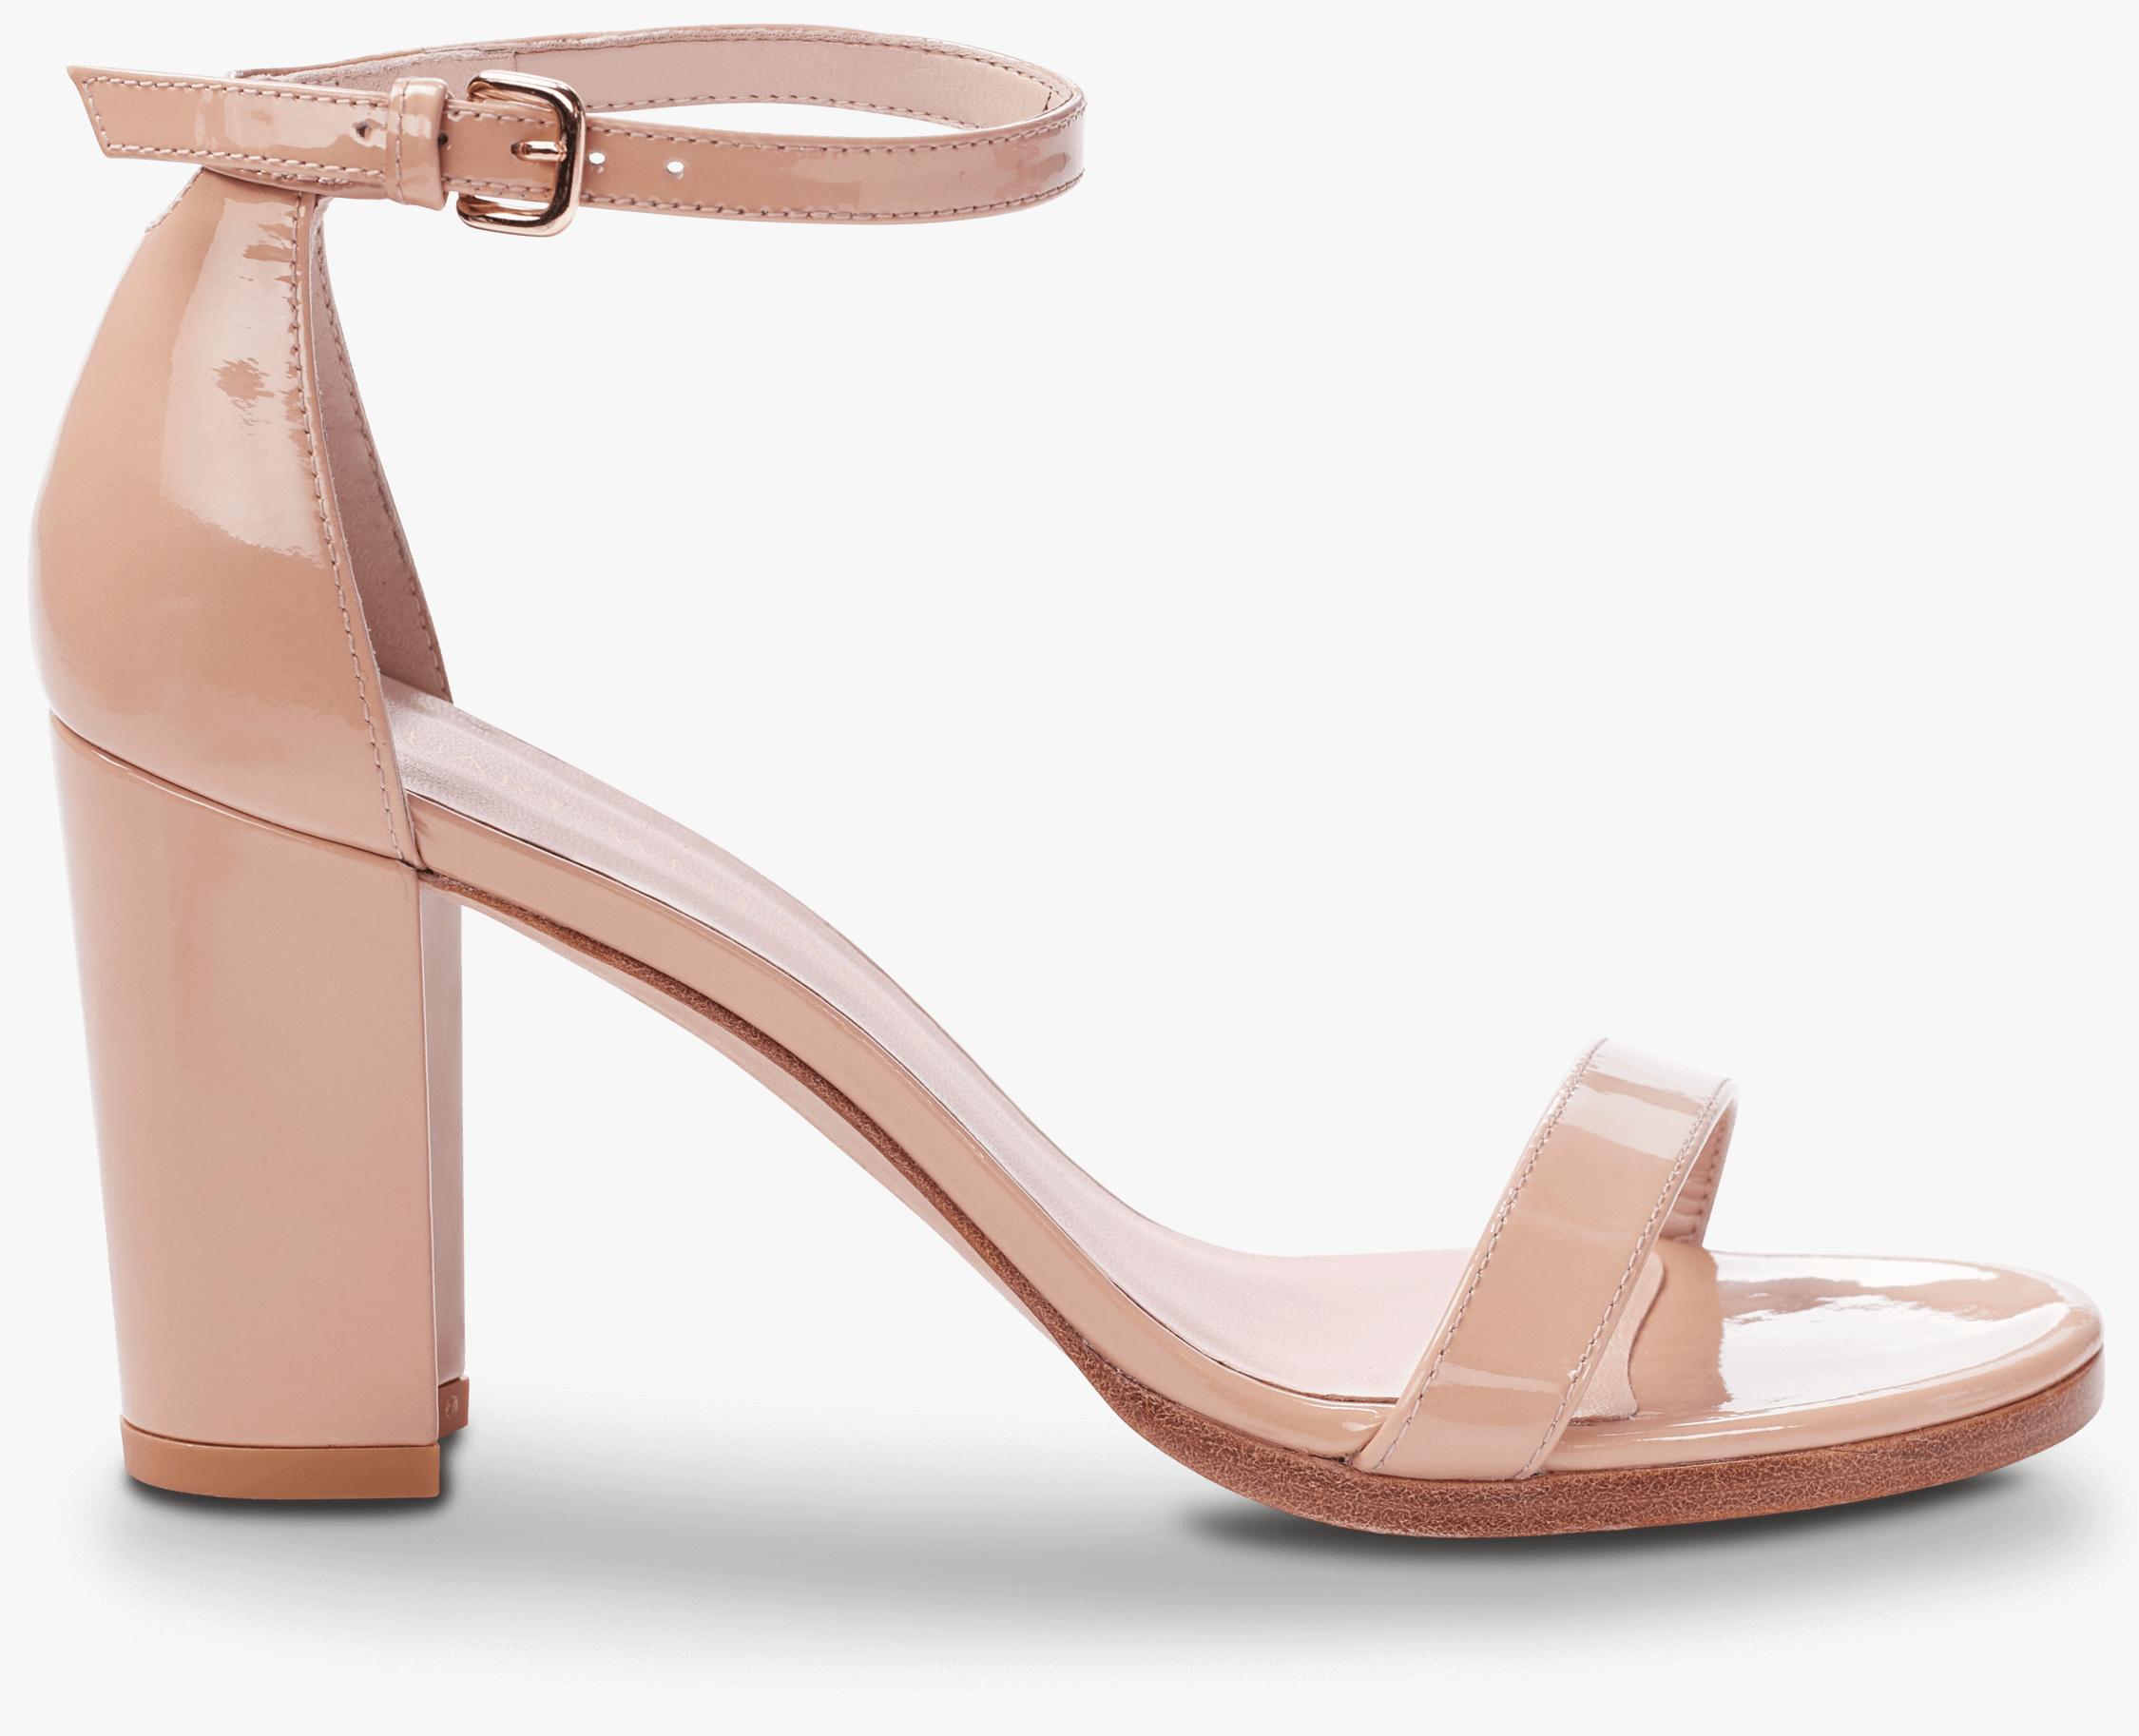 Stuart Weitzman Nearlynude Sandal 1